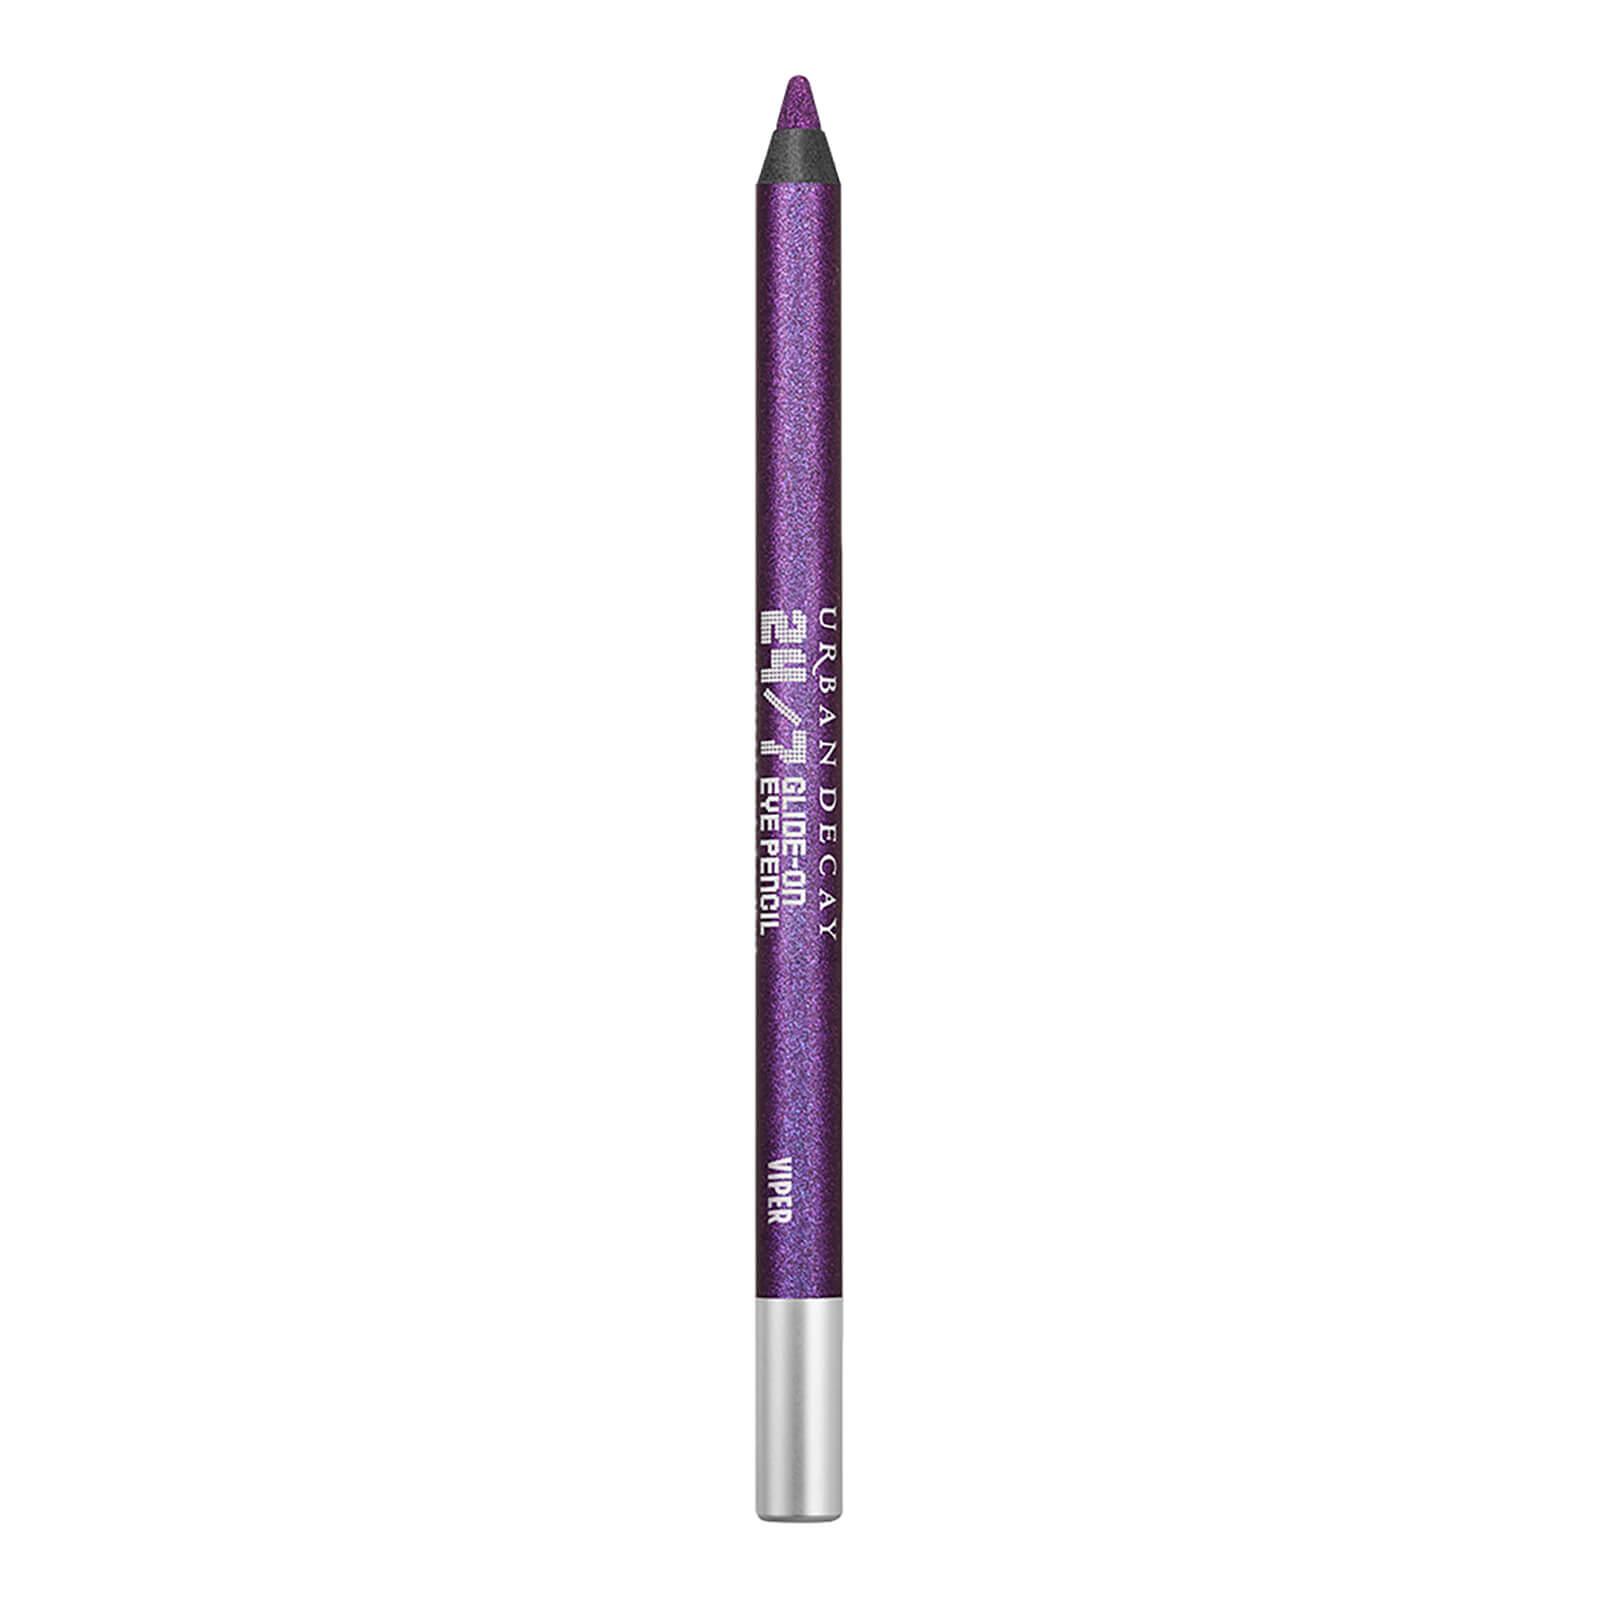 Urban Decay 24/7 Eye Pencil 1.2g (Various Shades) - Viper